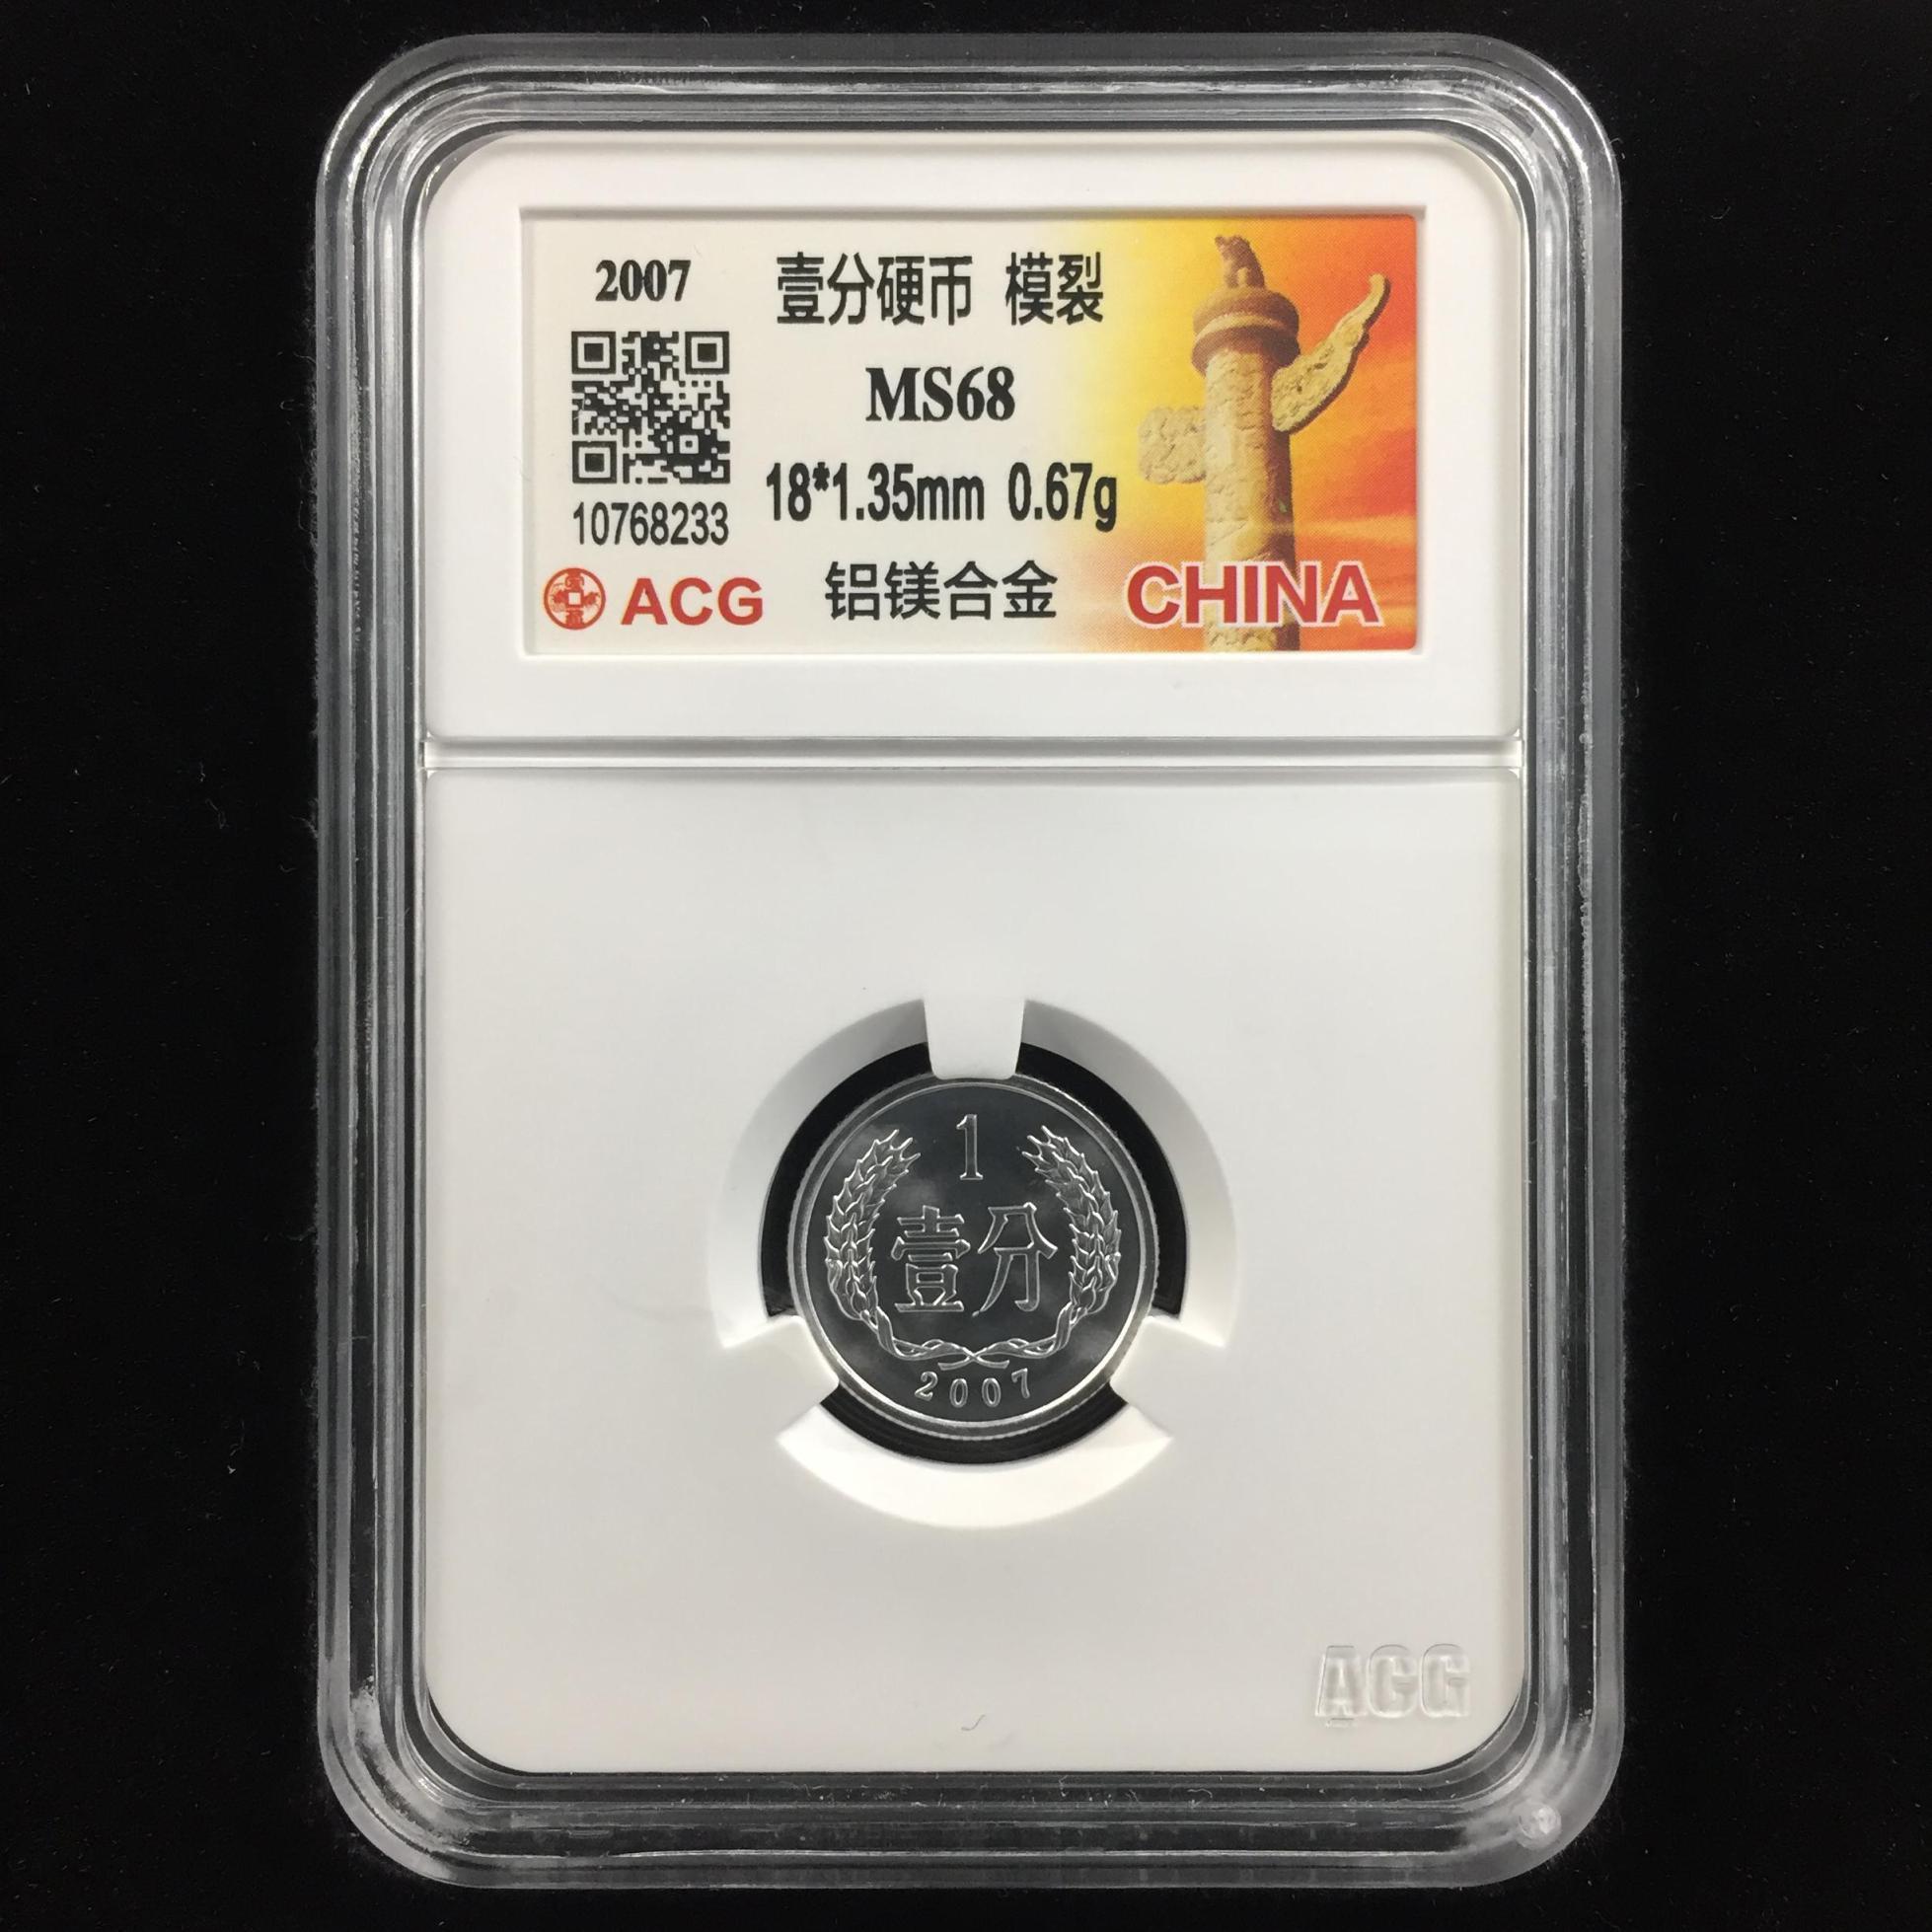 模裂币→2007年1分硬币→ACG鉴定证书-10768233